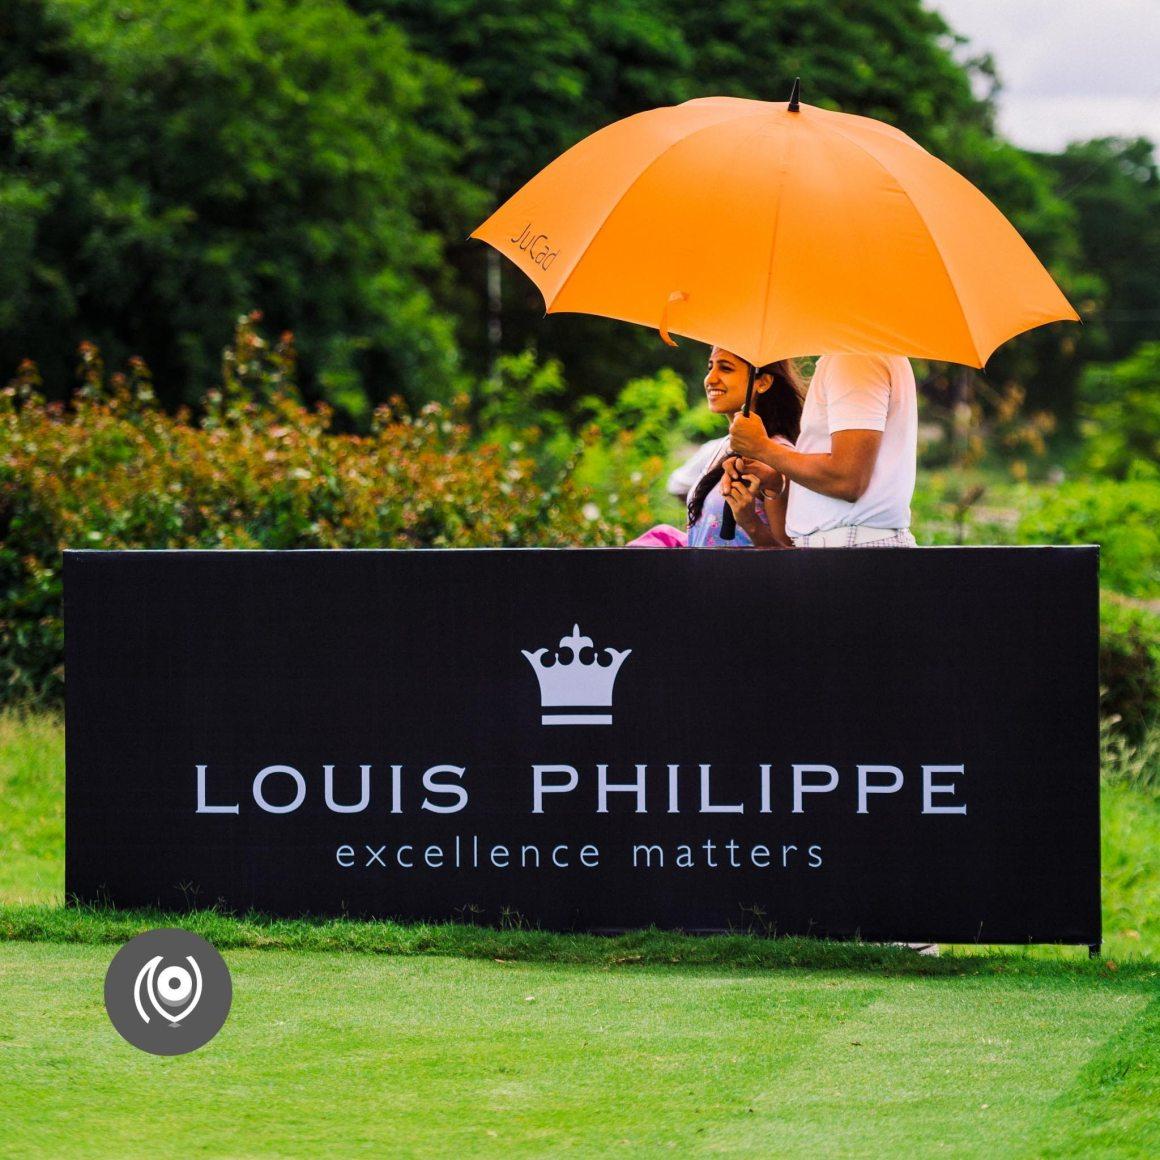 #EyesForStreetStyle #Bangalore LouisPhilippeIndia #LPCup #ProGolf Naina.co Luxury & Lifestyle, Photographer Storyteller, Blogger.